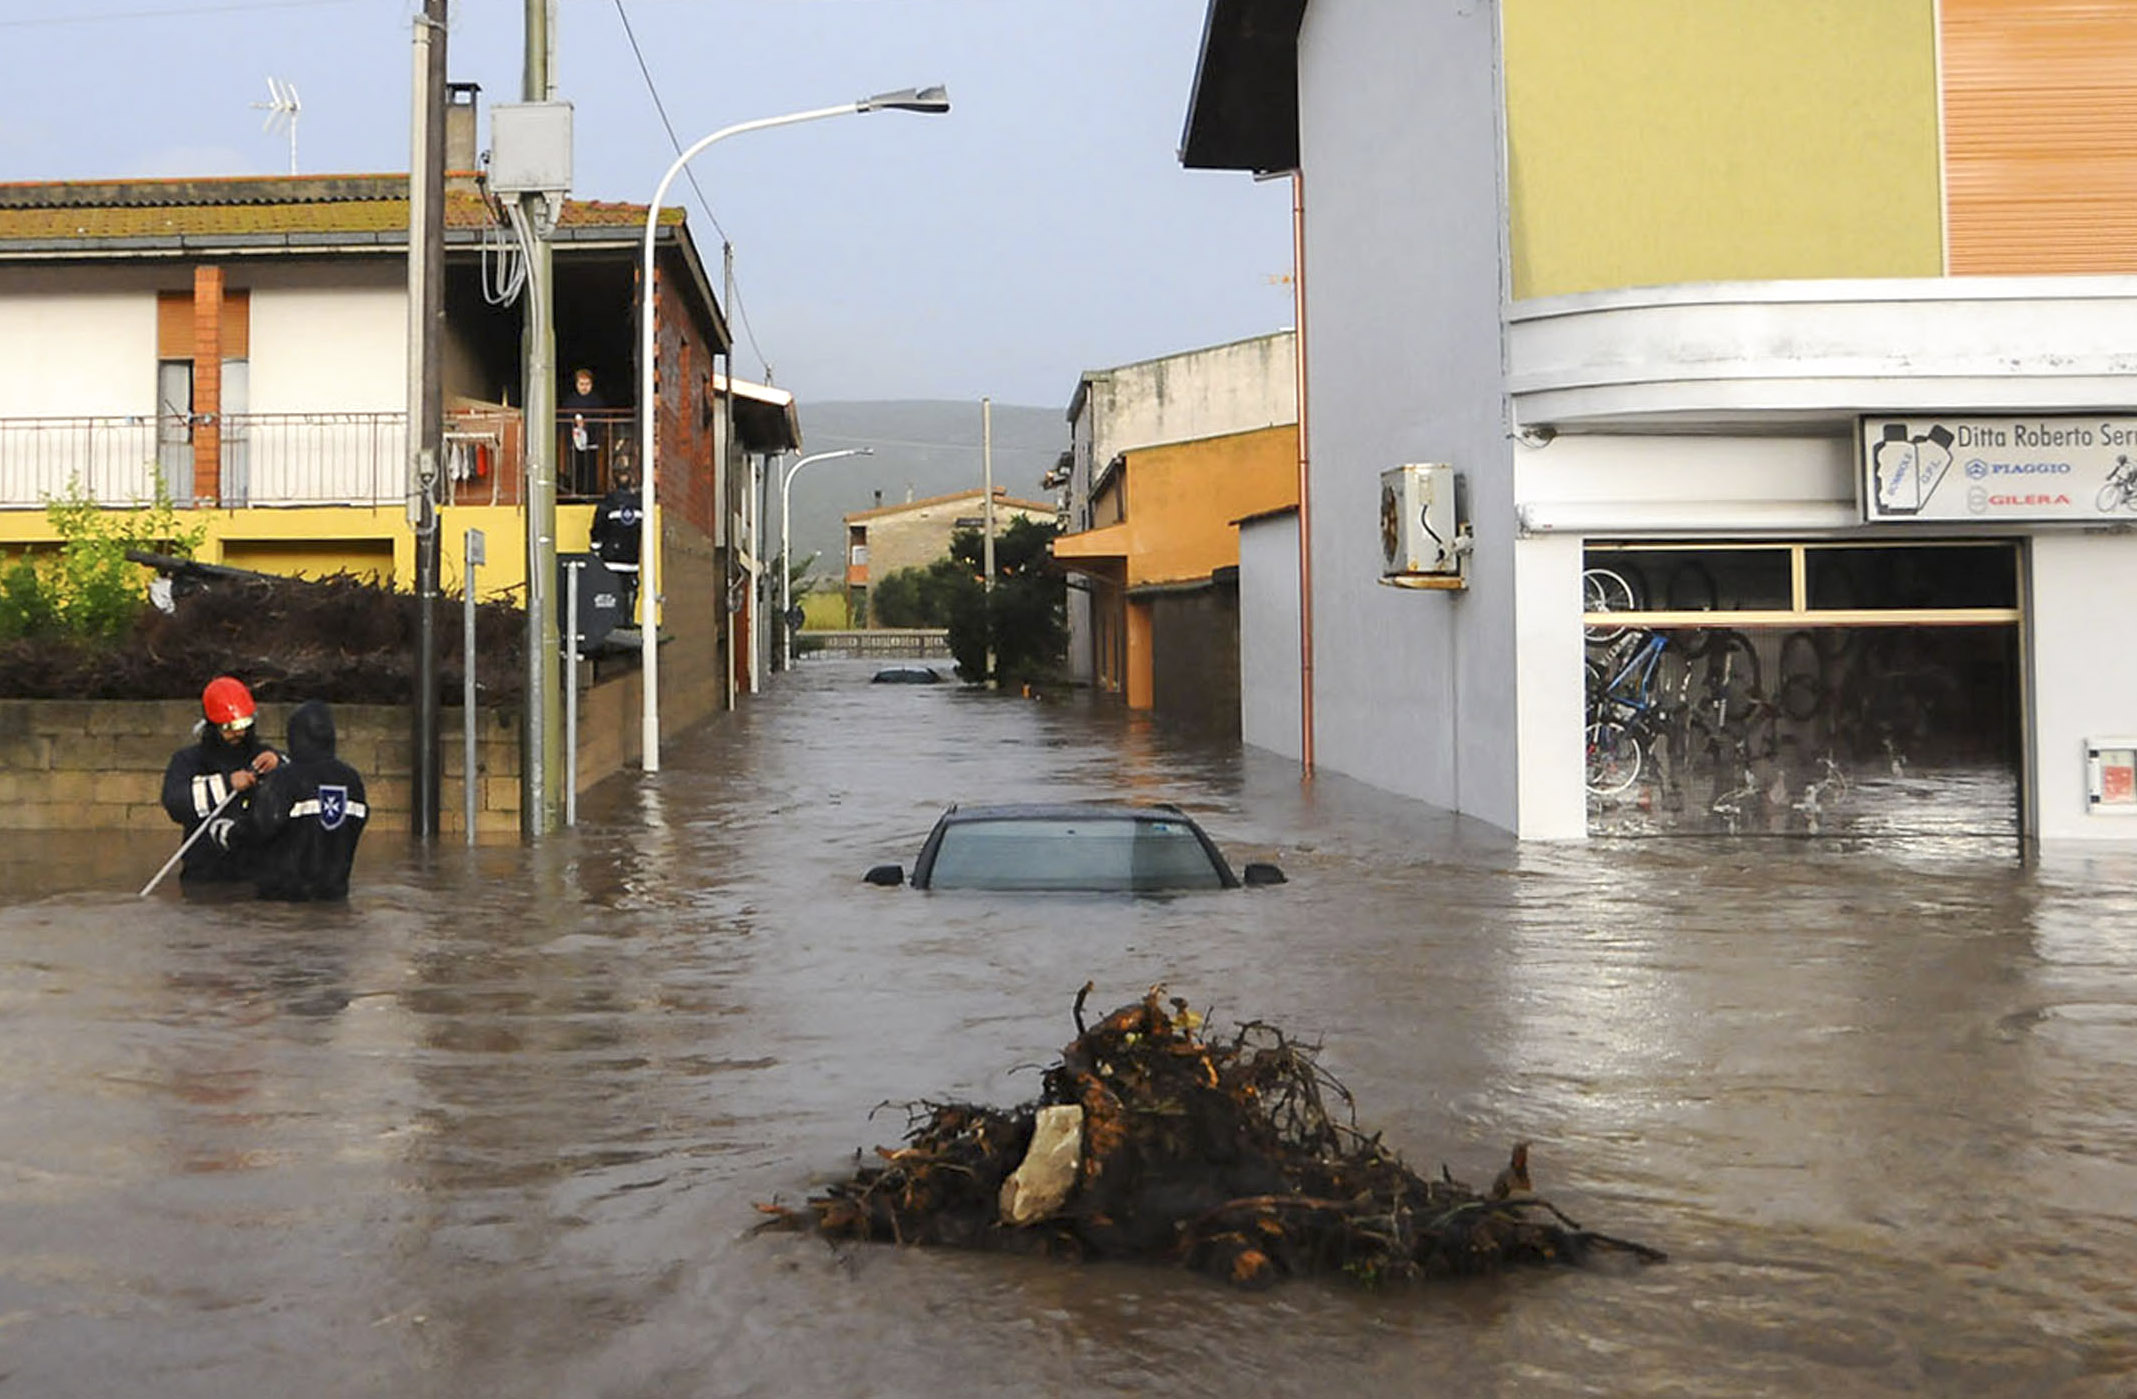 Piove, l'Italia crolla